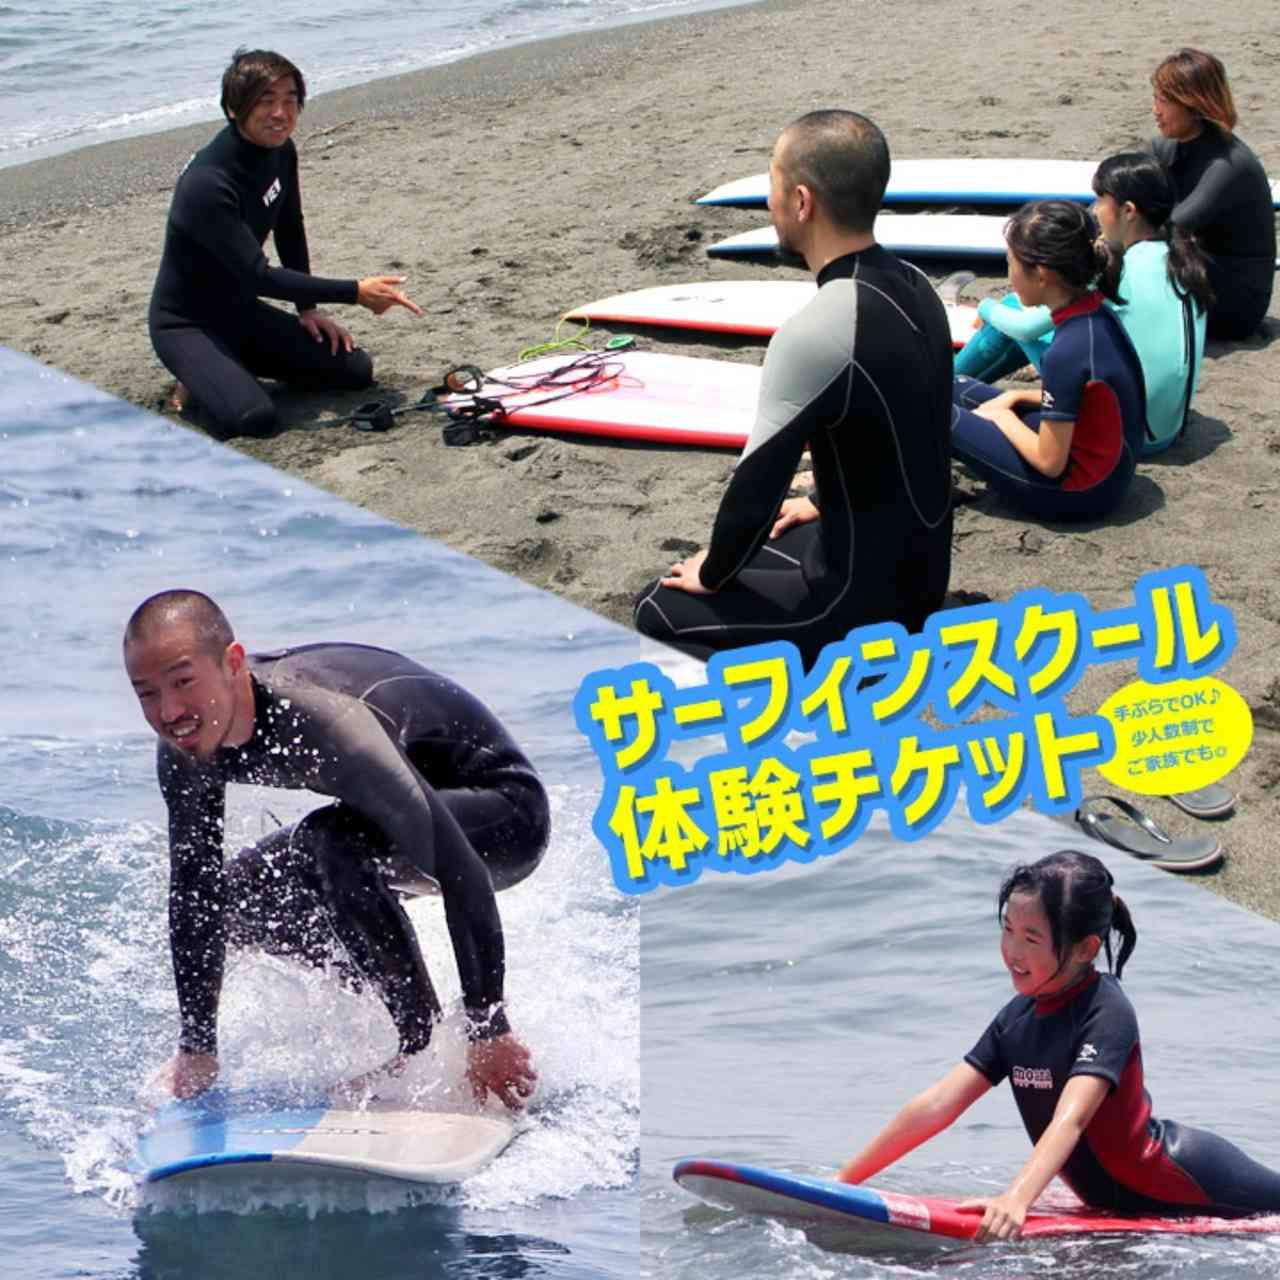 湘南 サーフィンスクール 【体験チケット】